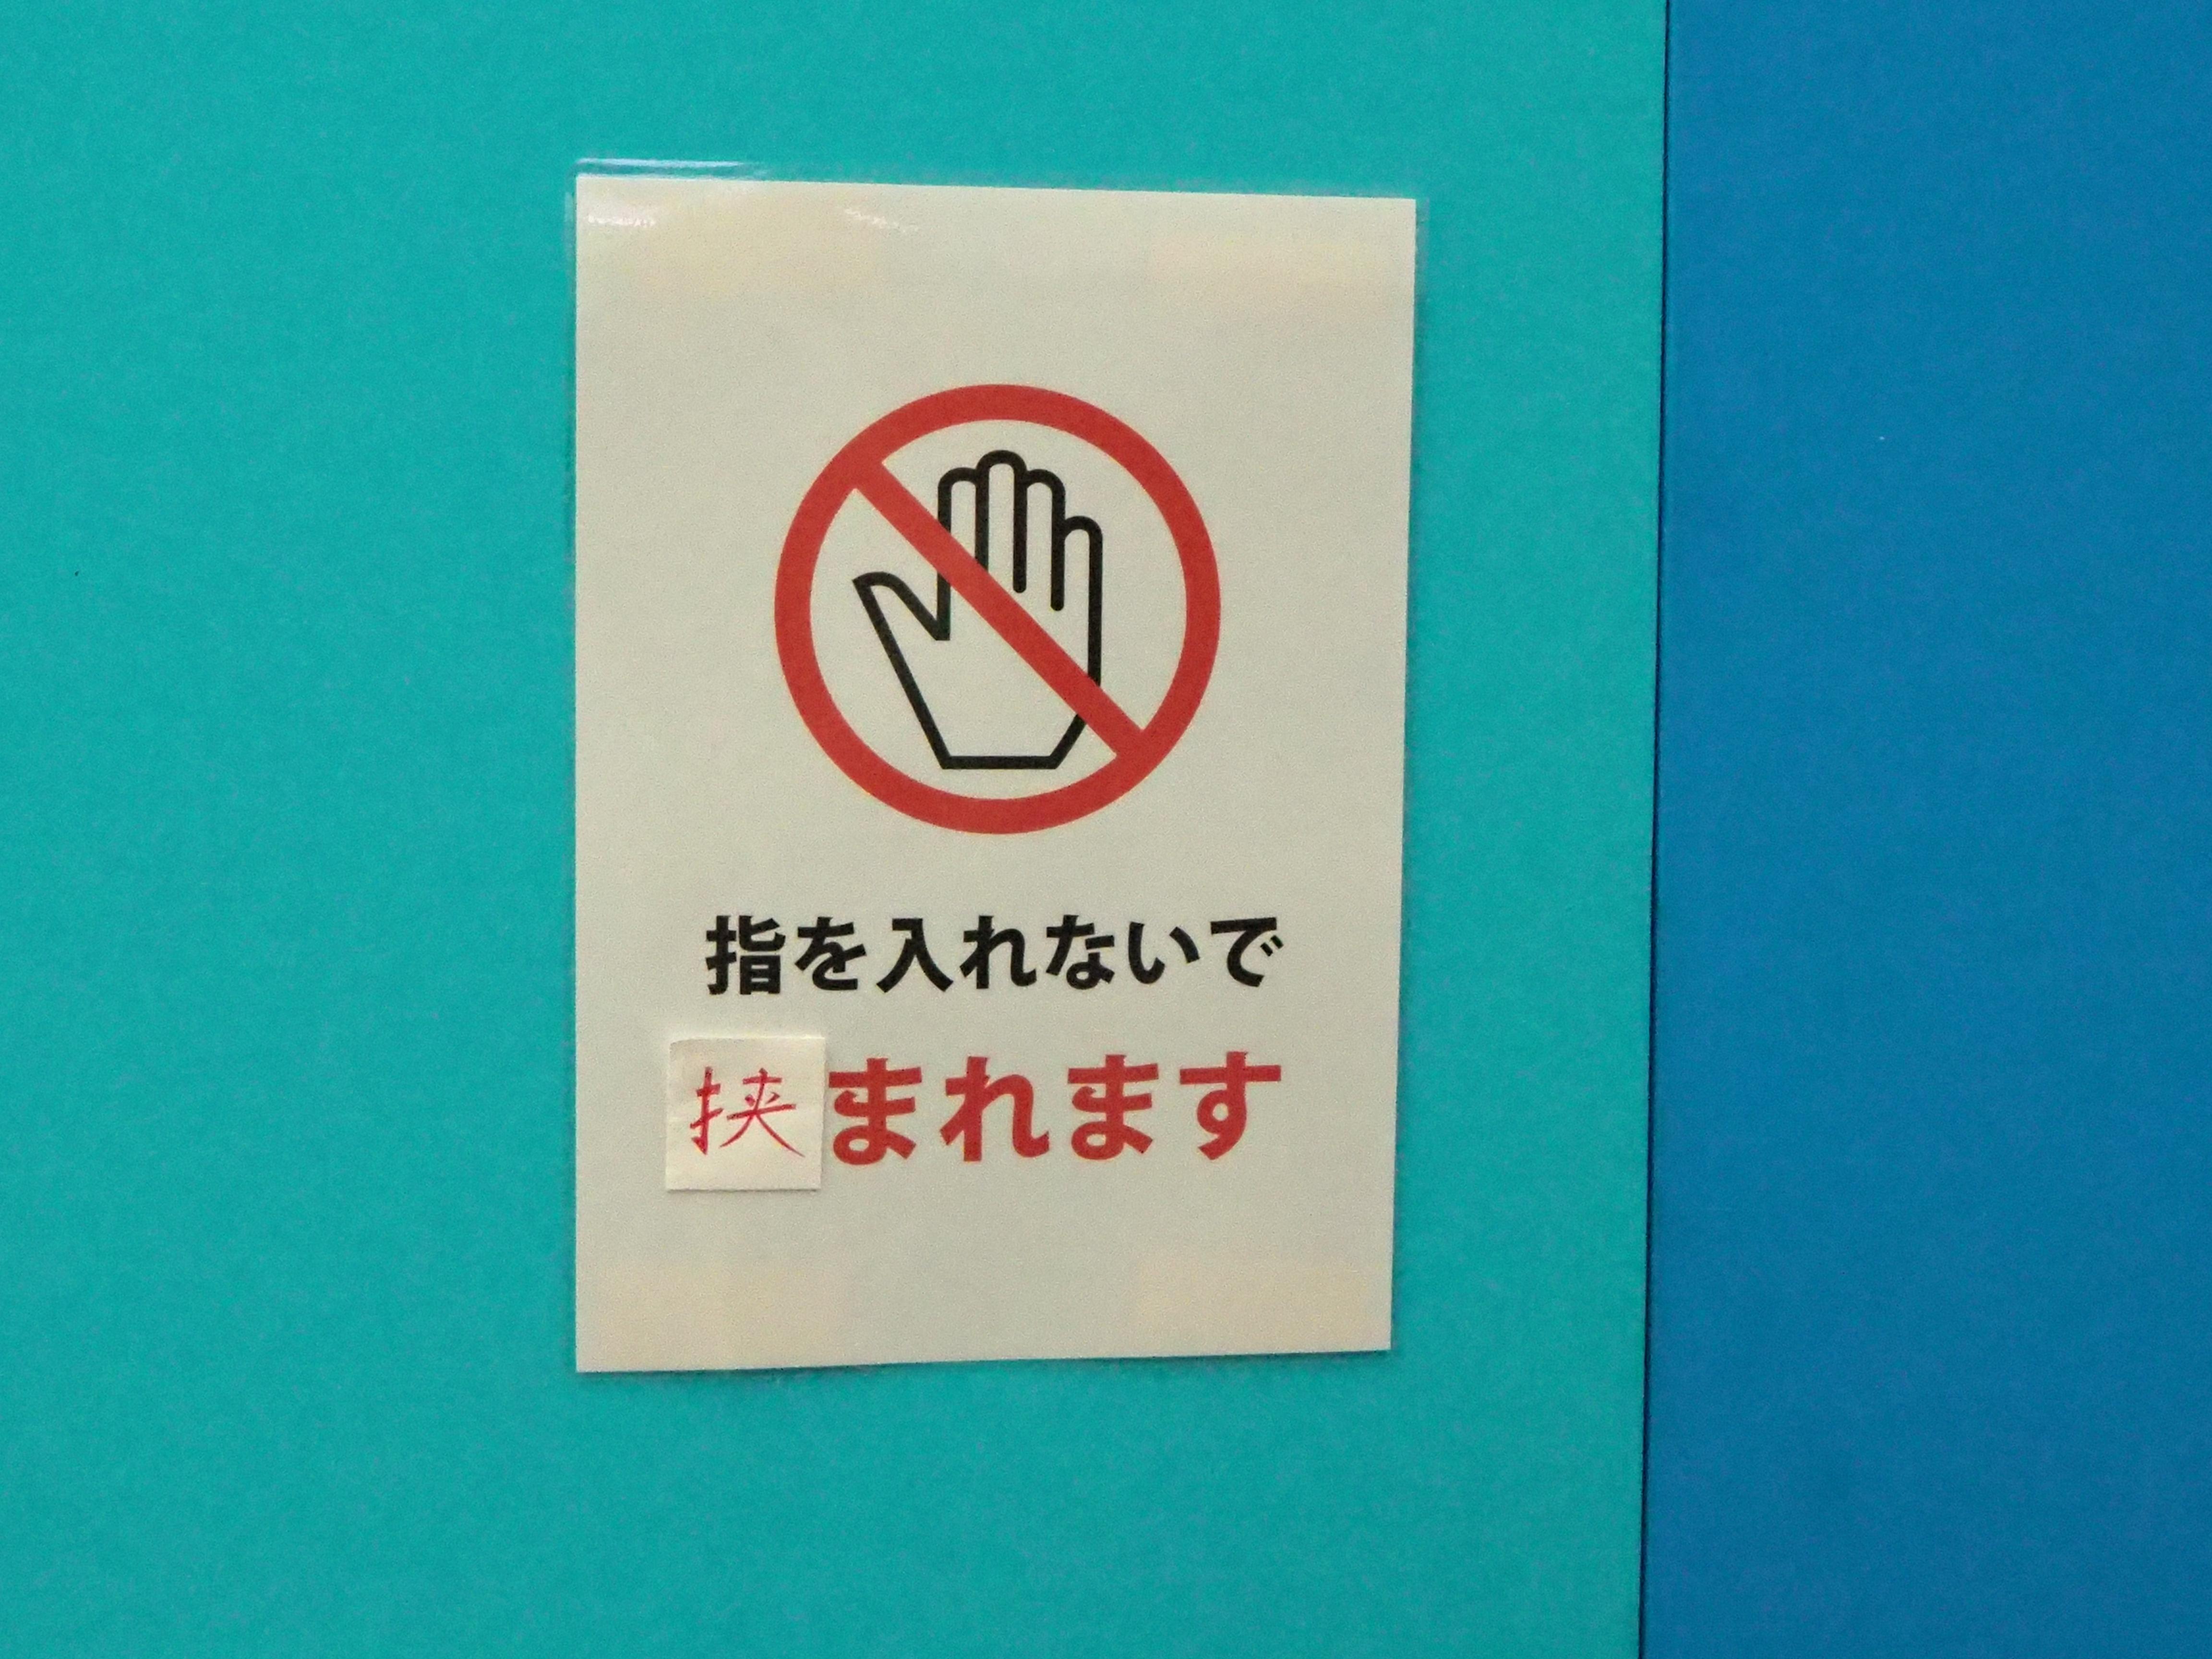 注意 張り紙